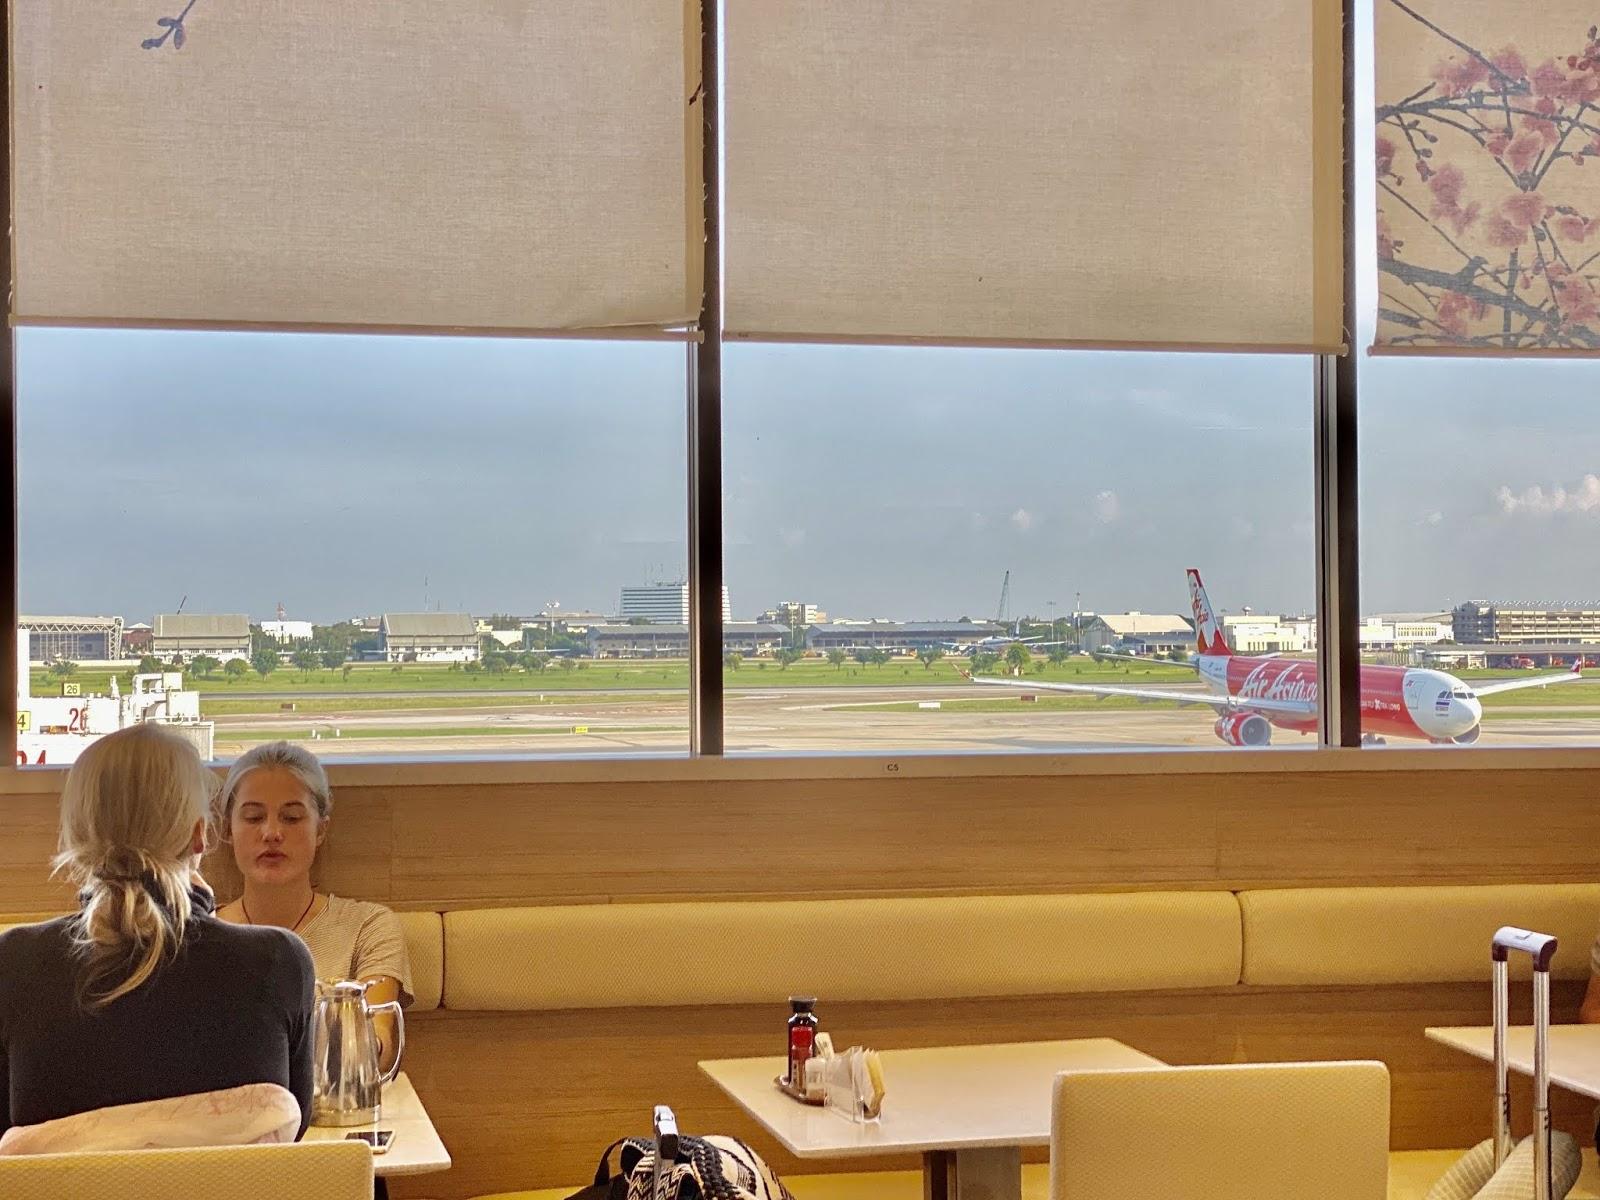 Fuji Japanese Restaurant, Suvarnabhumi Airport